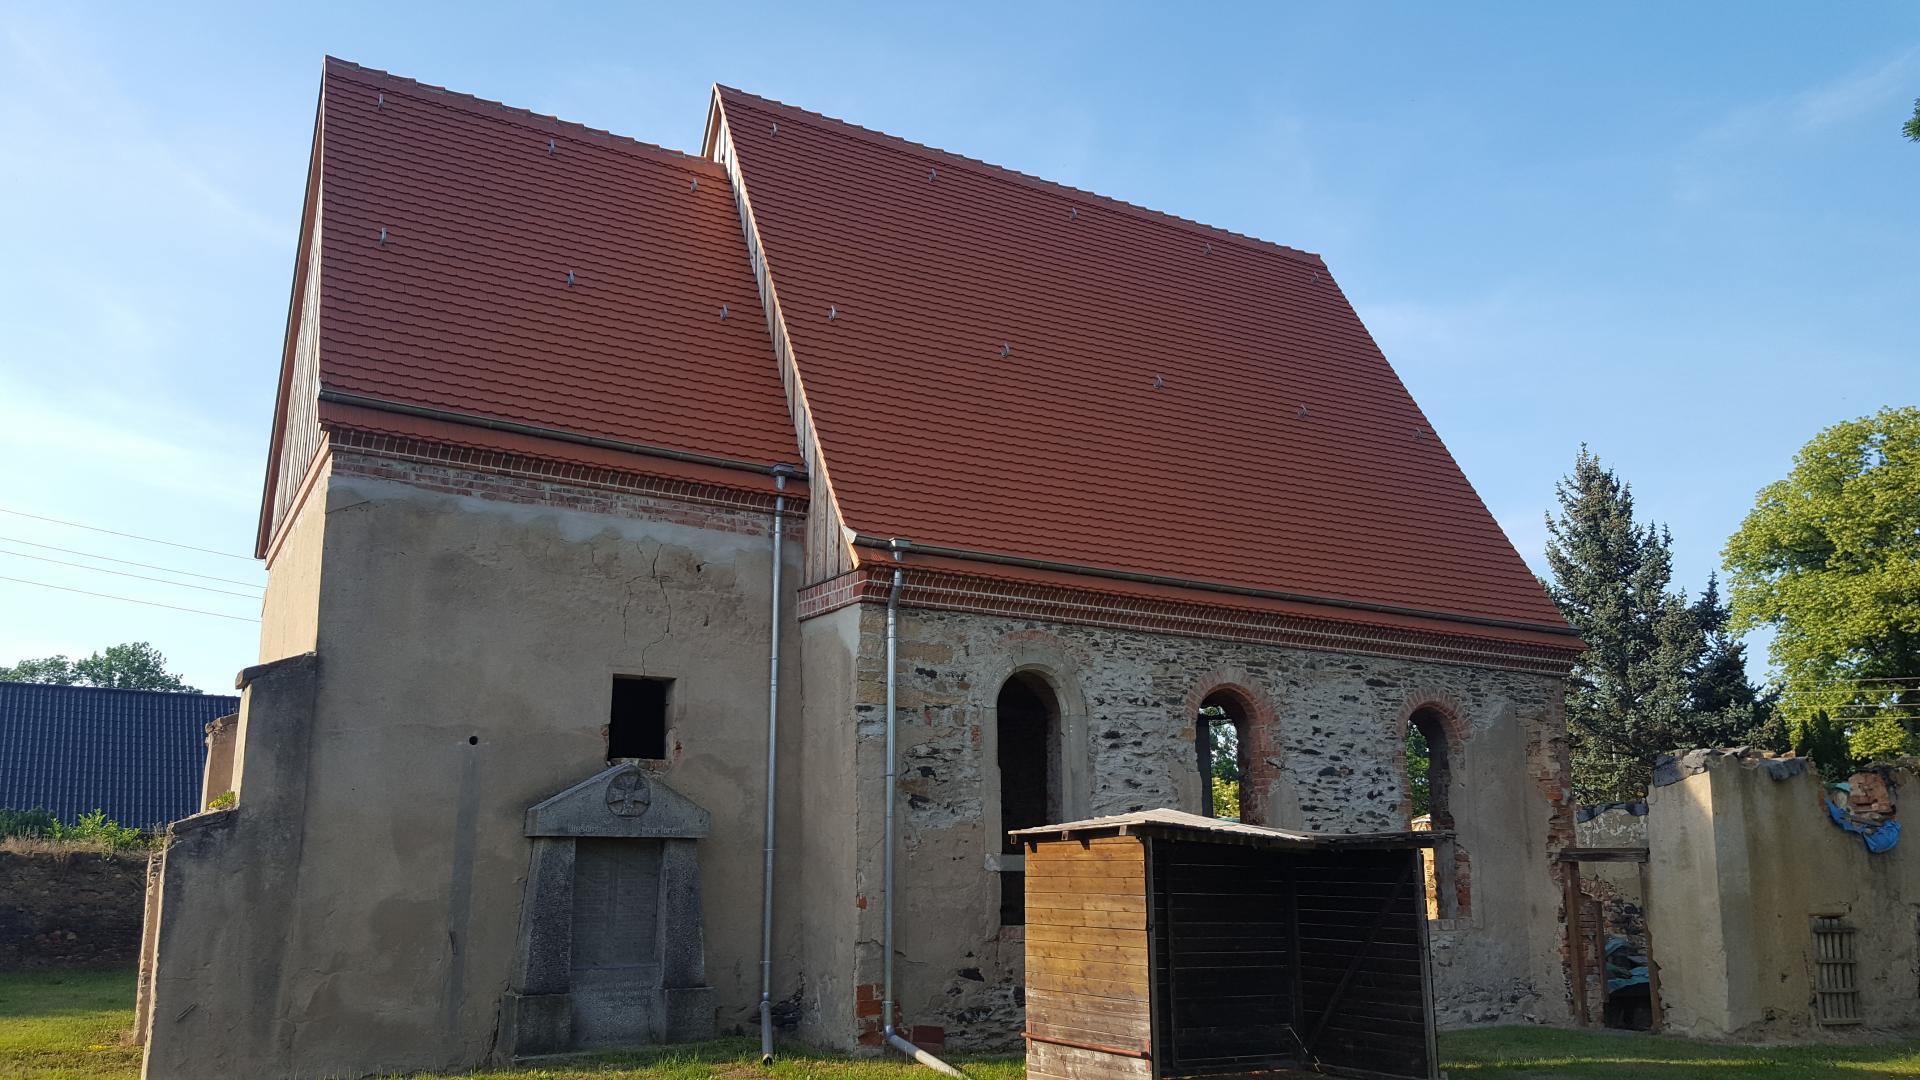 Kirche Canitz - bald geht es weiter